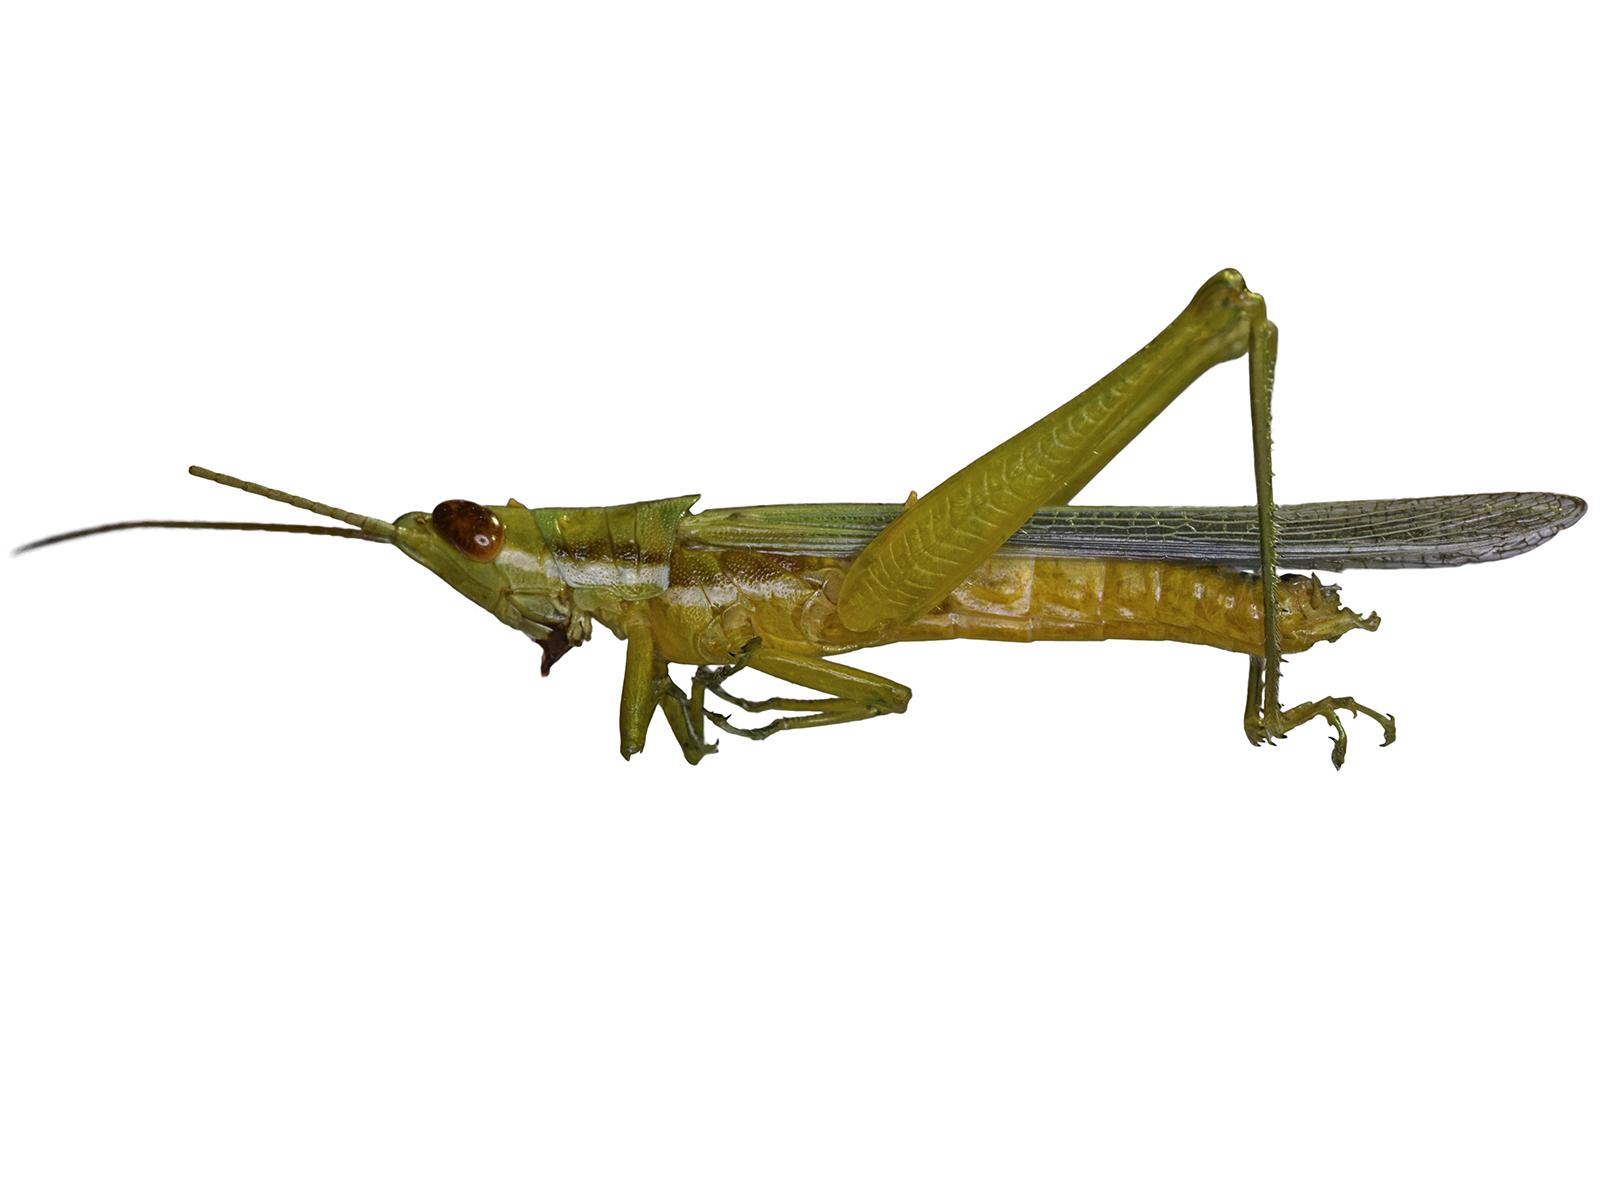 Stenacris vitreipennis (Marschall, 1836)